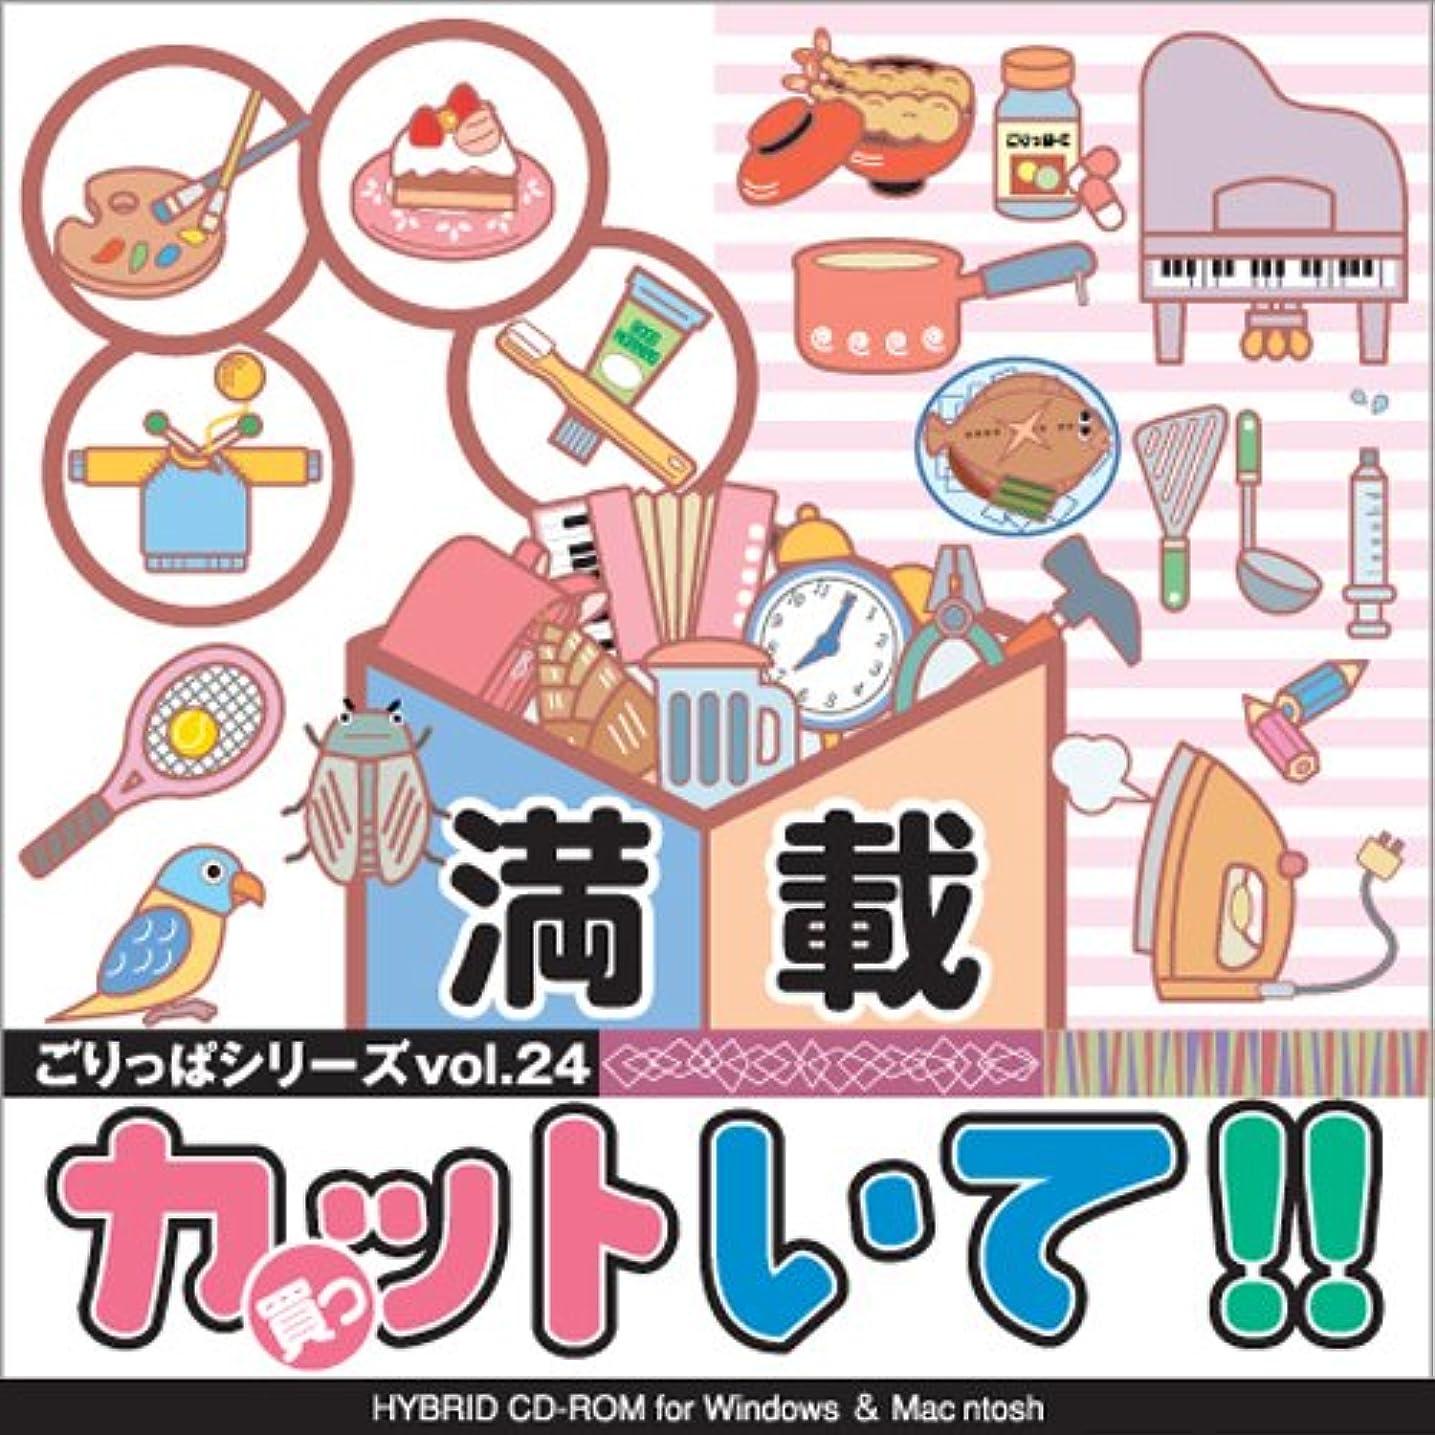 ごりっぱシリーズ Vol.24「カットいて!」